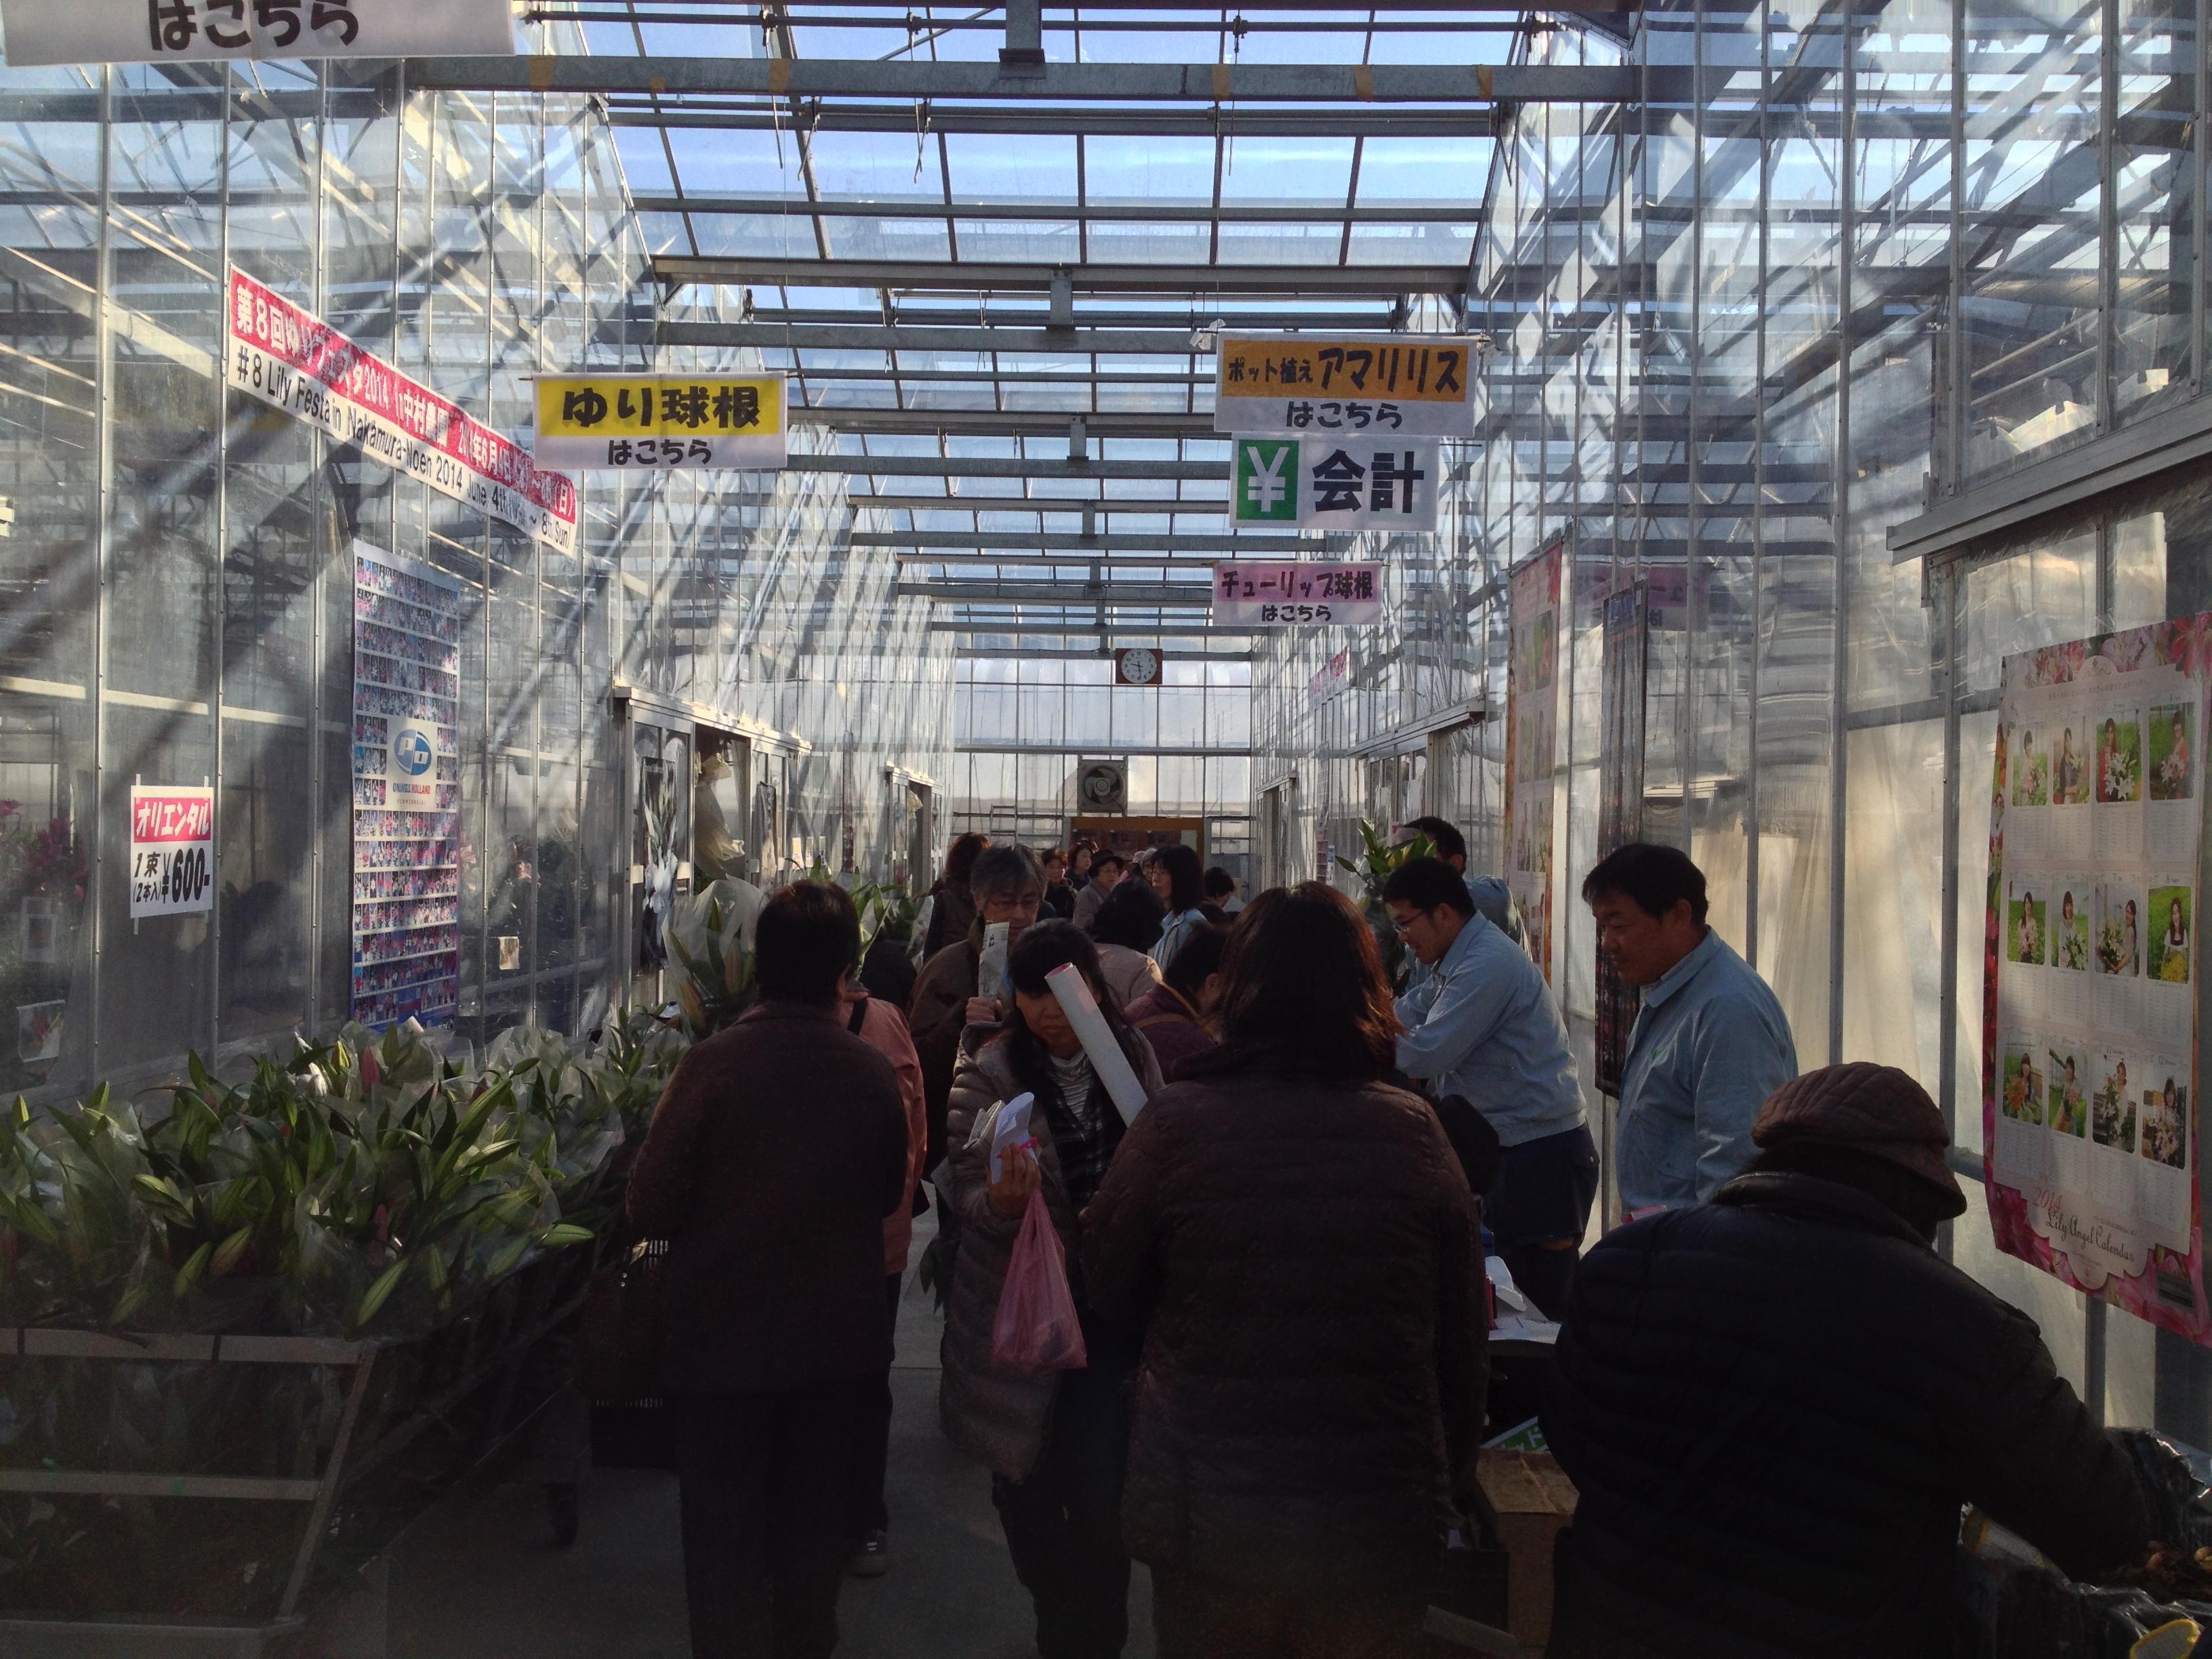 試験農場一般公開 兼 秋植え球根バザール開催の御礼!(2013/11/30)